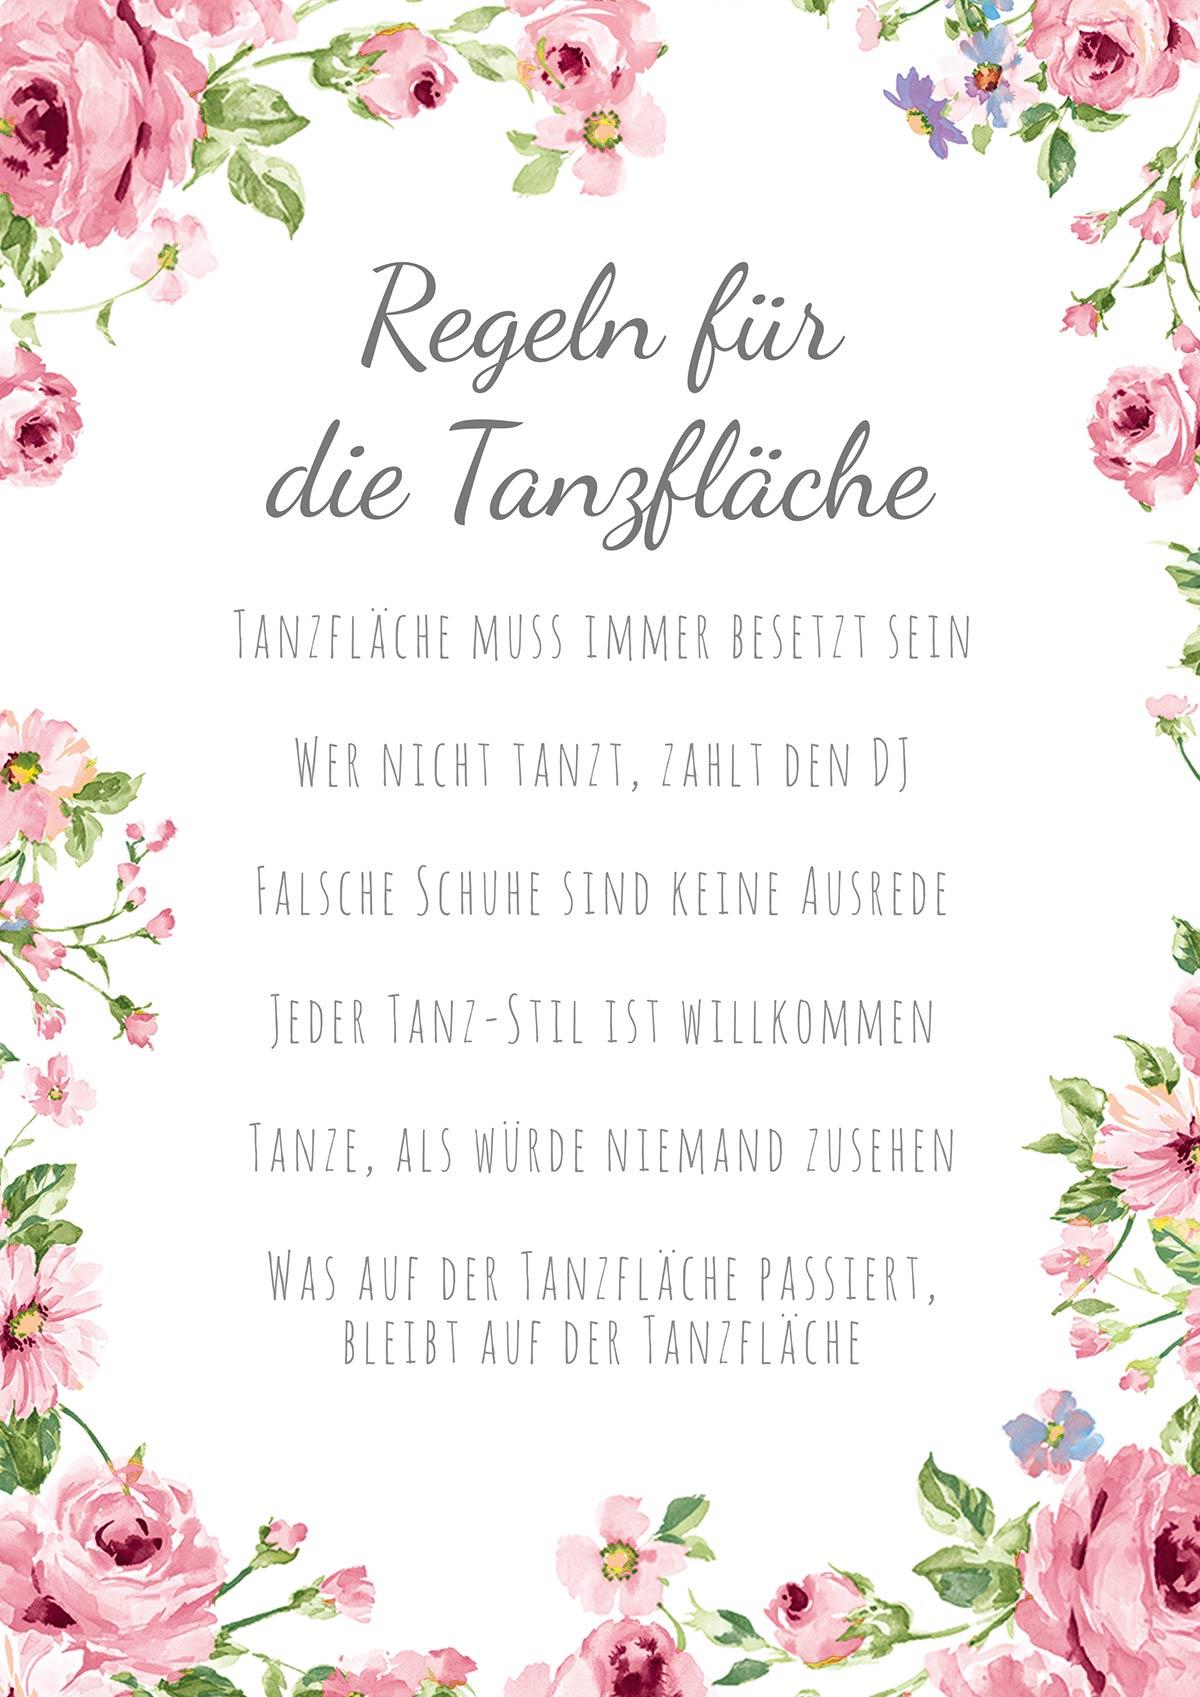 Regeln für die Tanzfläche - Serie Around Flowers (in 6 verschiedene Farben)